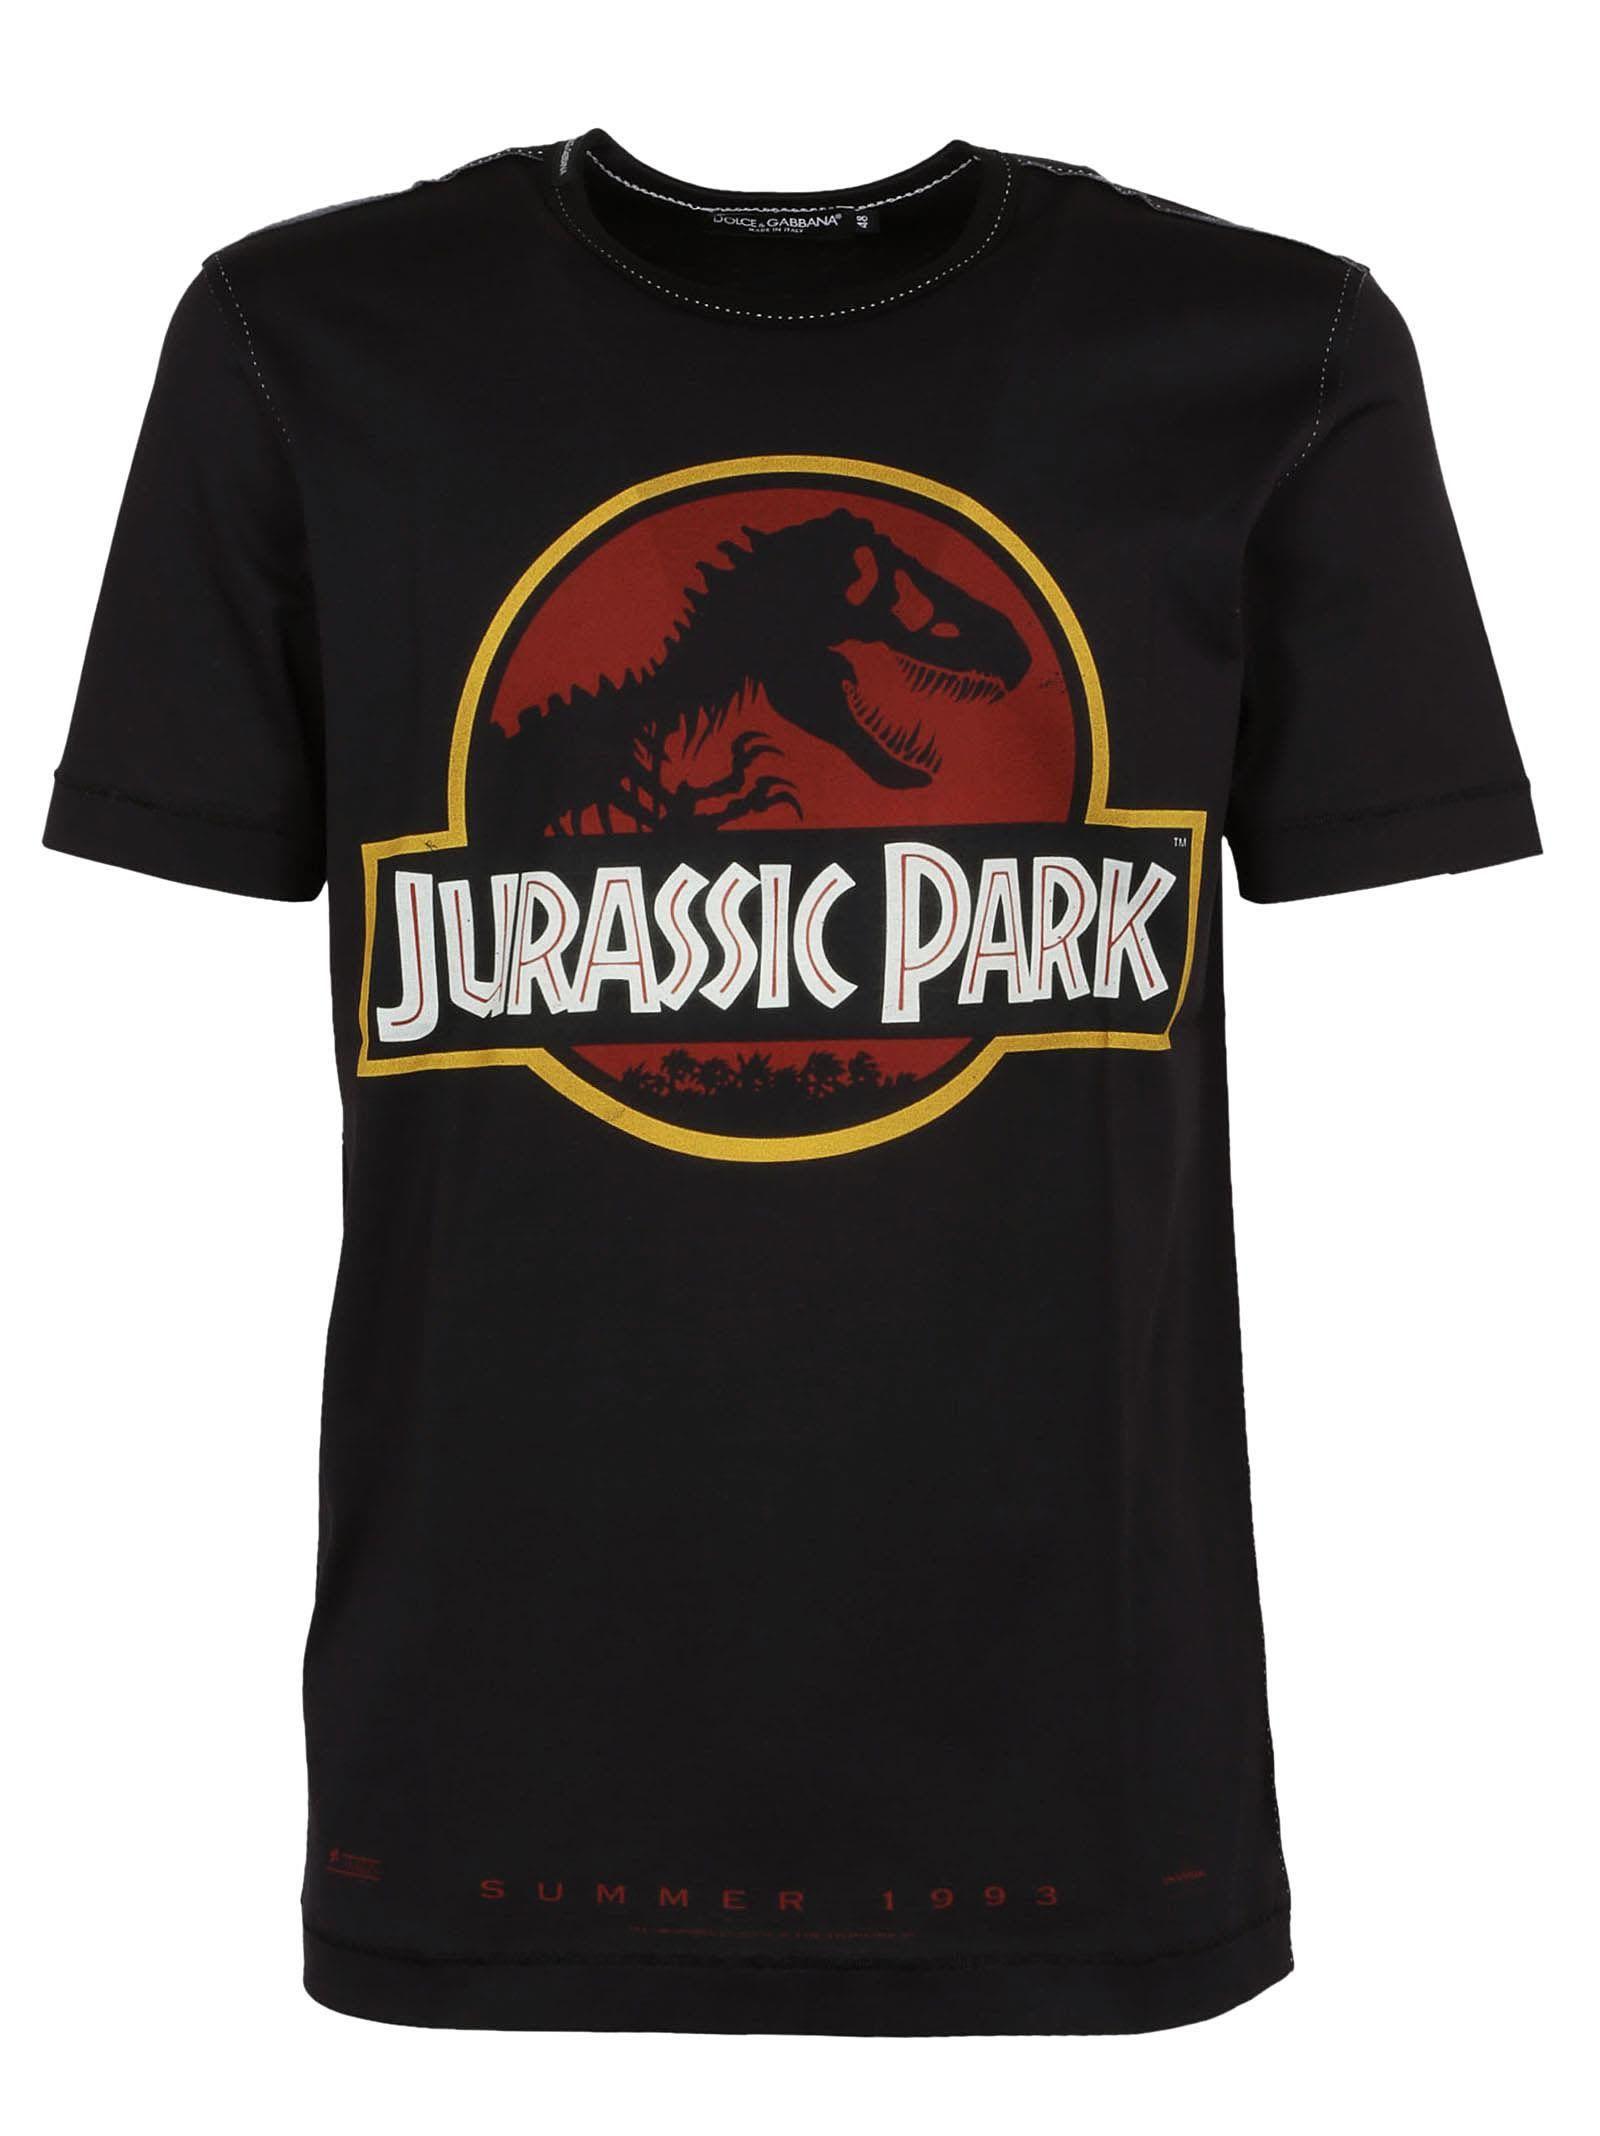 Black Jurassic Park T Shirt Jurassic Park T Shirt Dolce And Gabbana Shirts